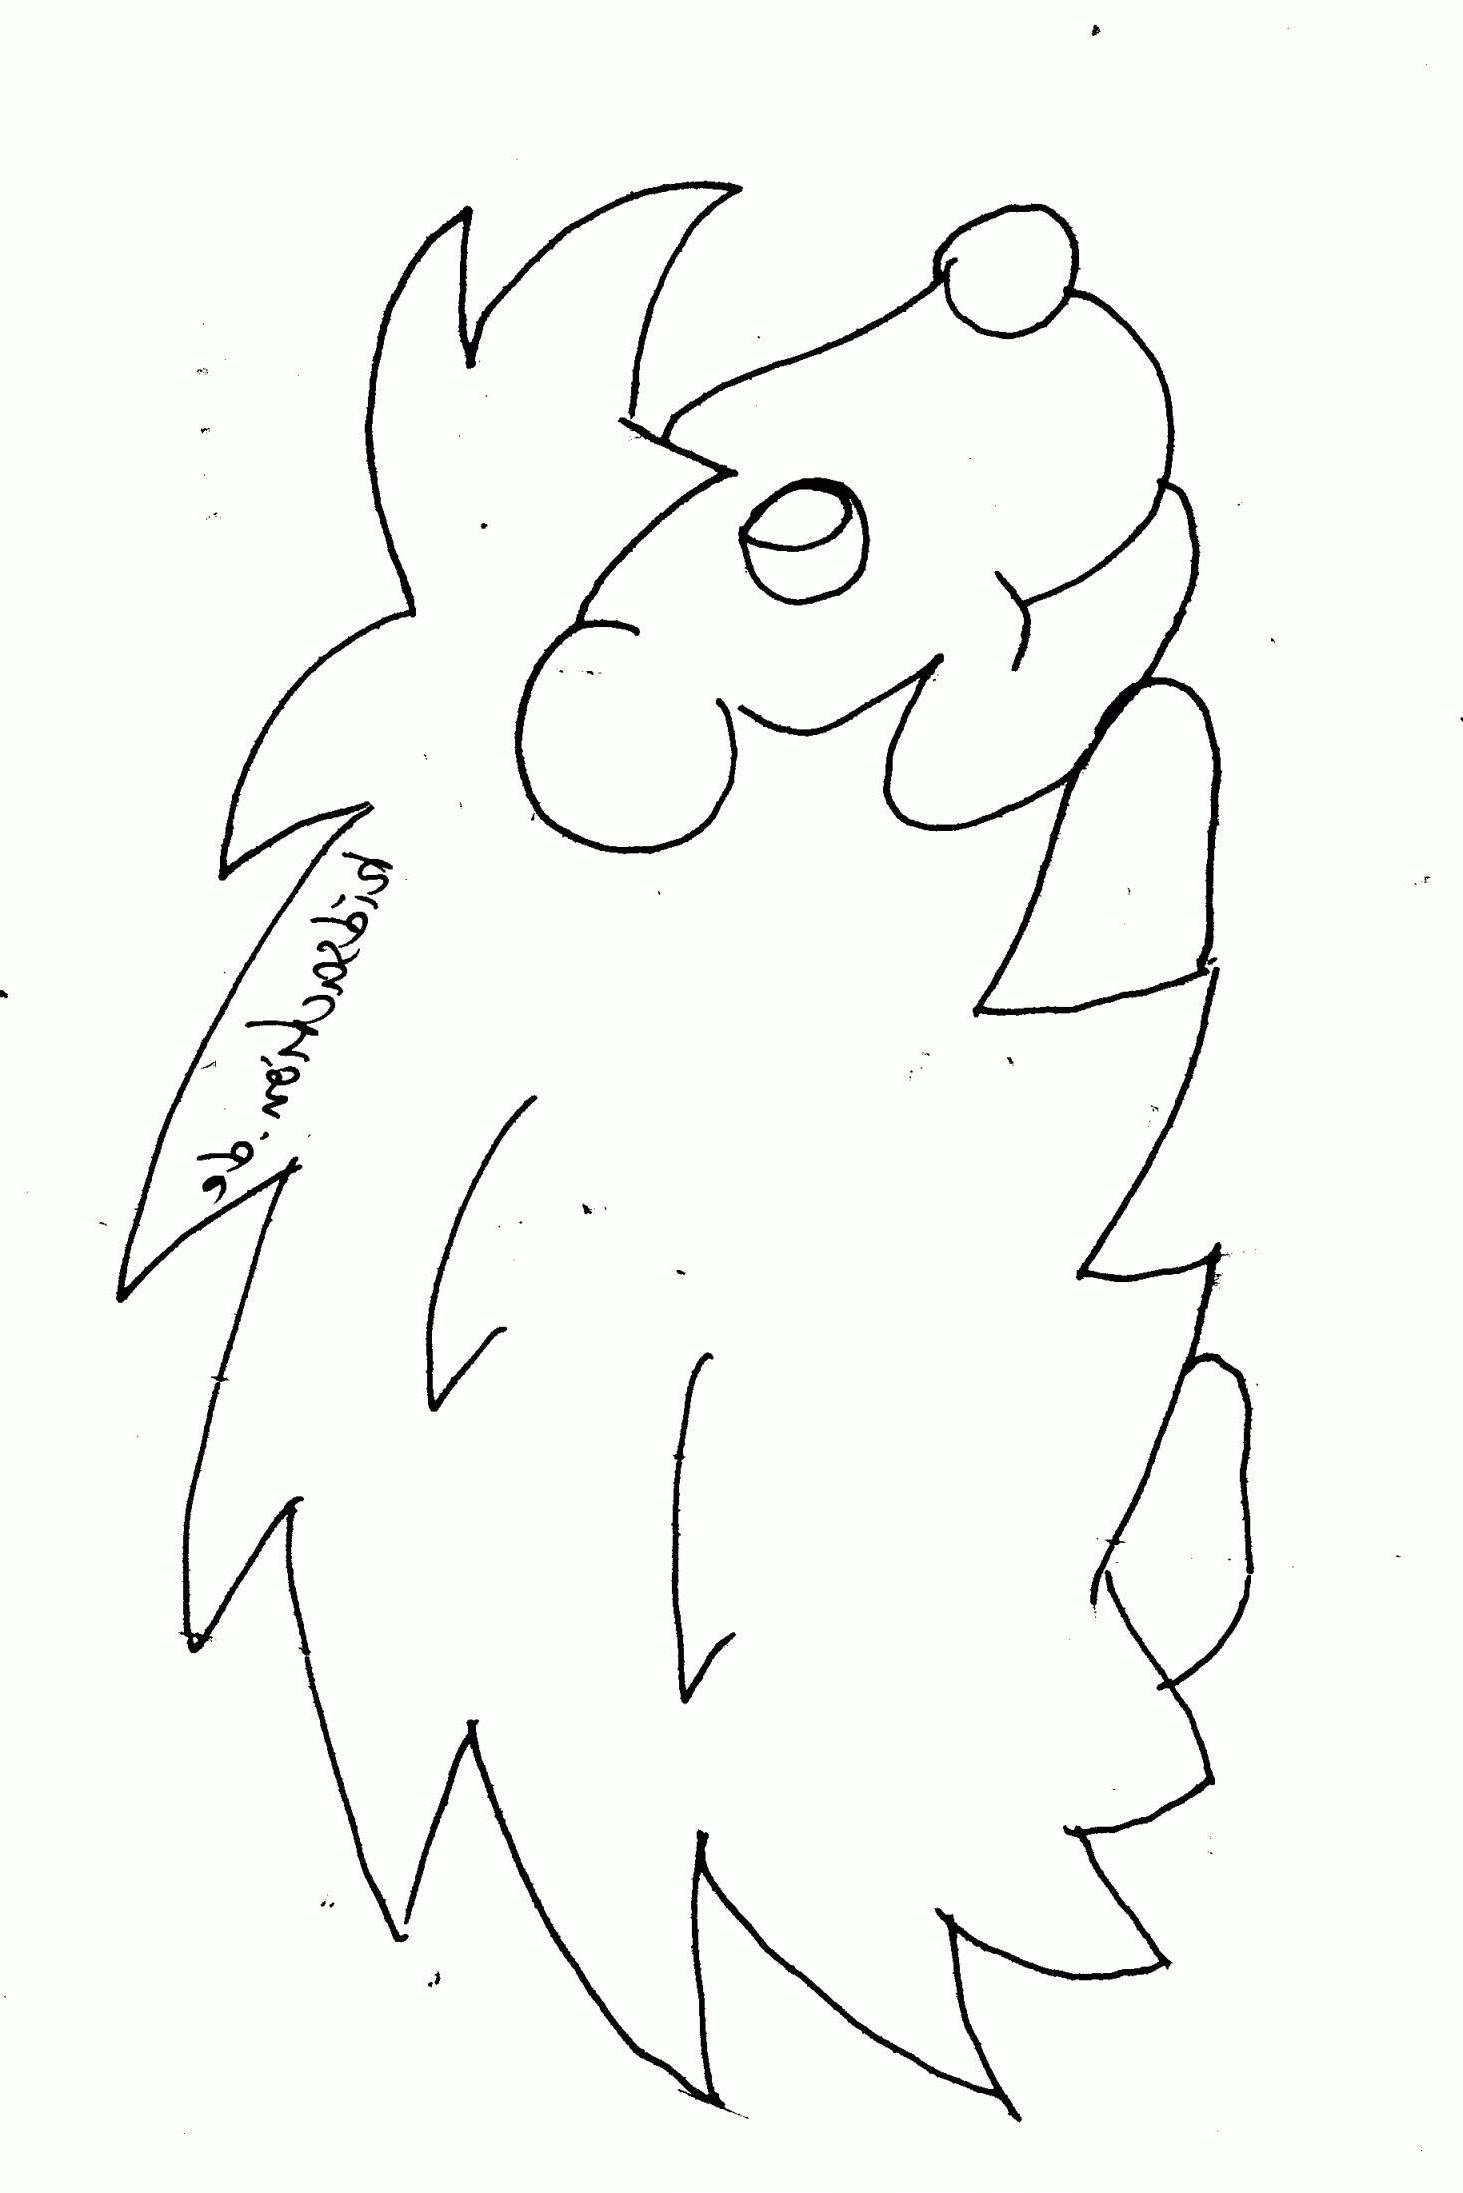 Ausmalbilder Ninjago Zum Ausdrucken Frisch 38 Fantastisch Ausmalbilder Ninjago Drache – Große Coloring Page Das Bild